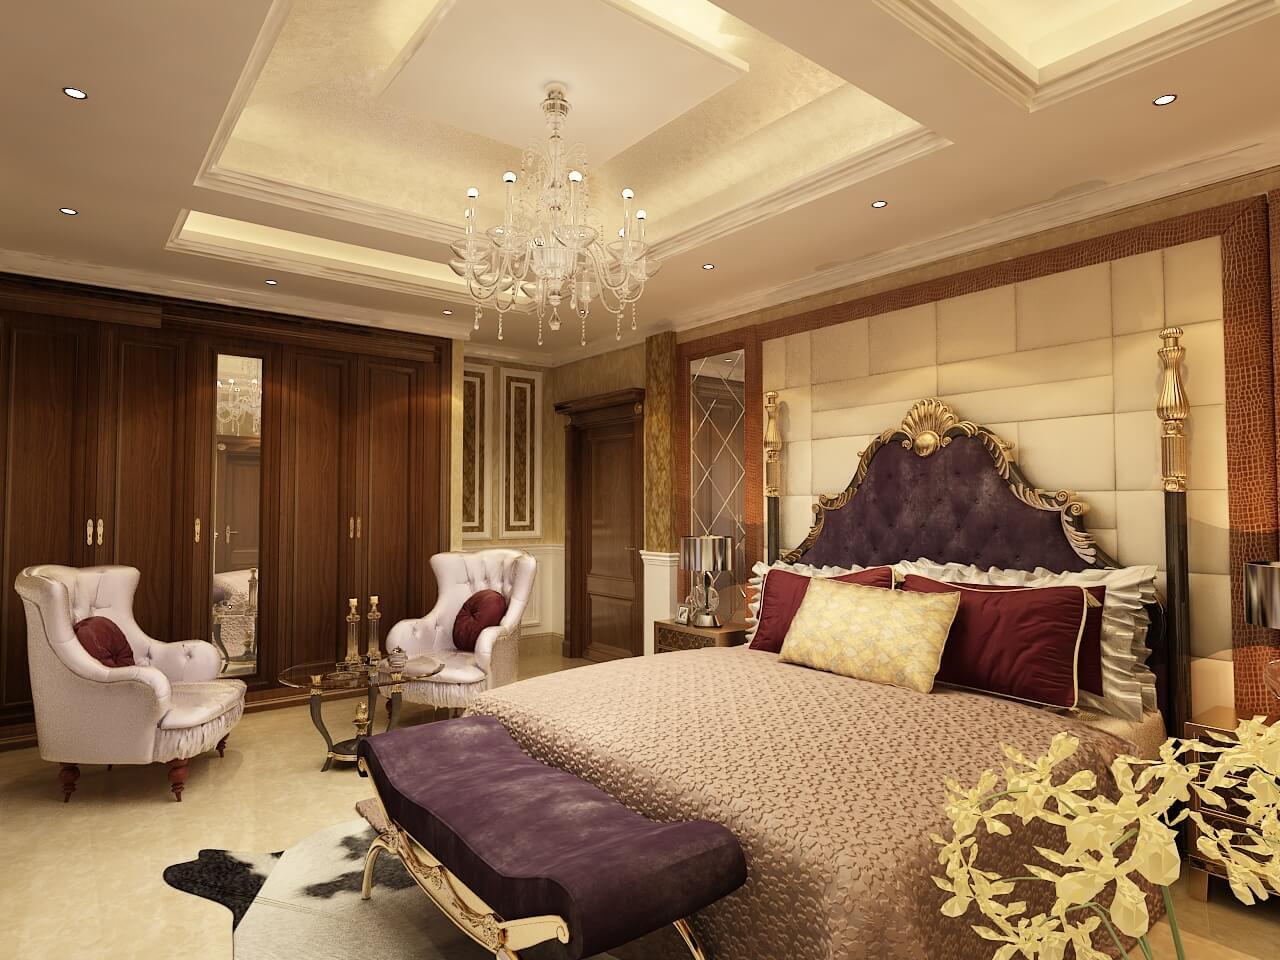 Private Villa, Emirates Hills - 14